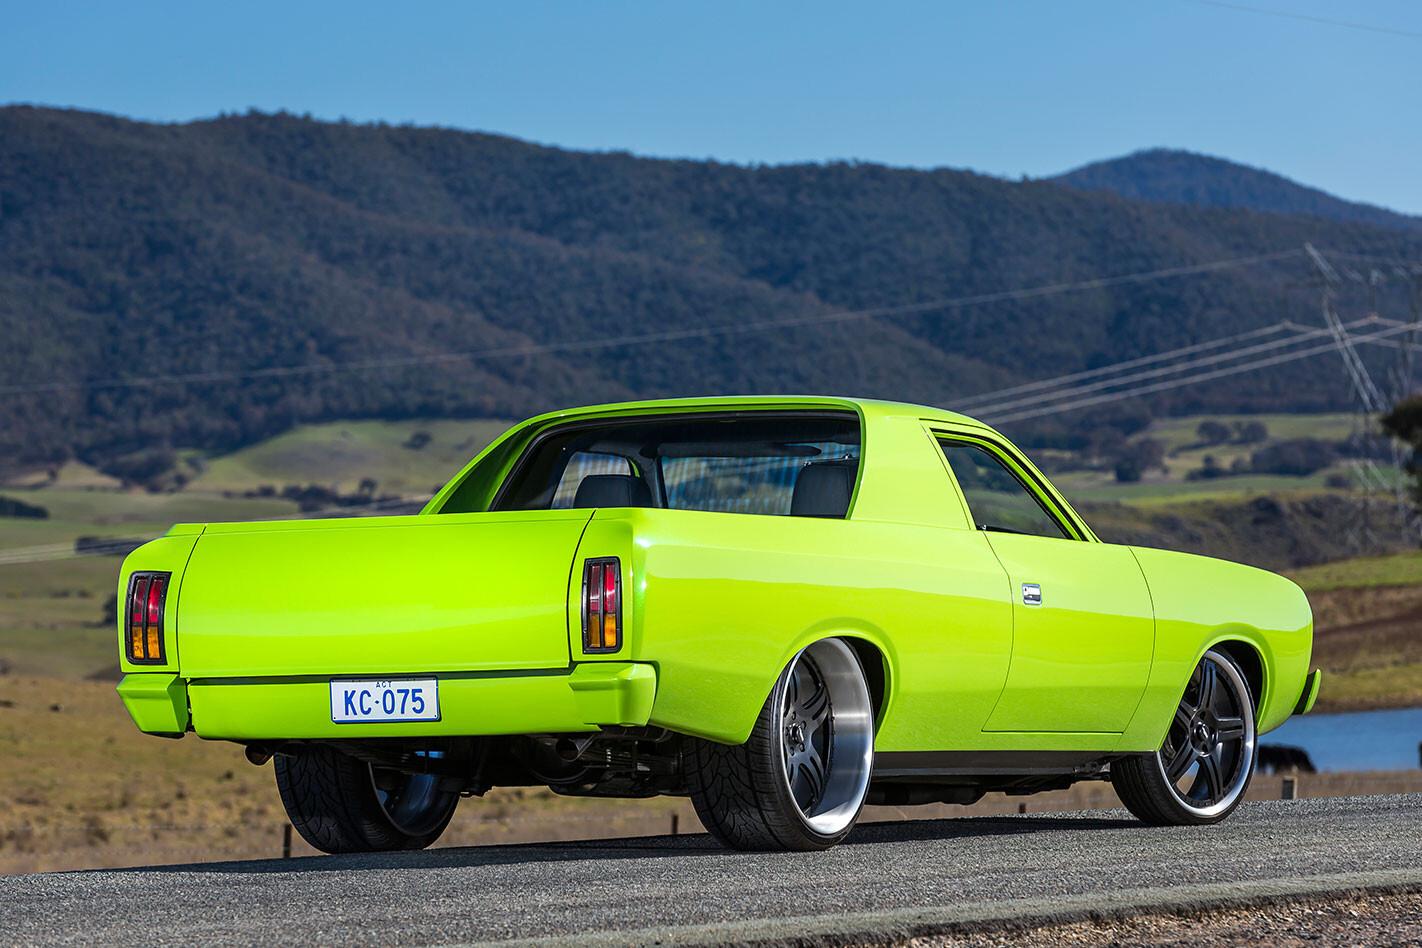 Chrysler CL Valiant ute